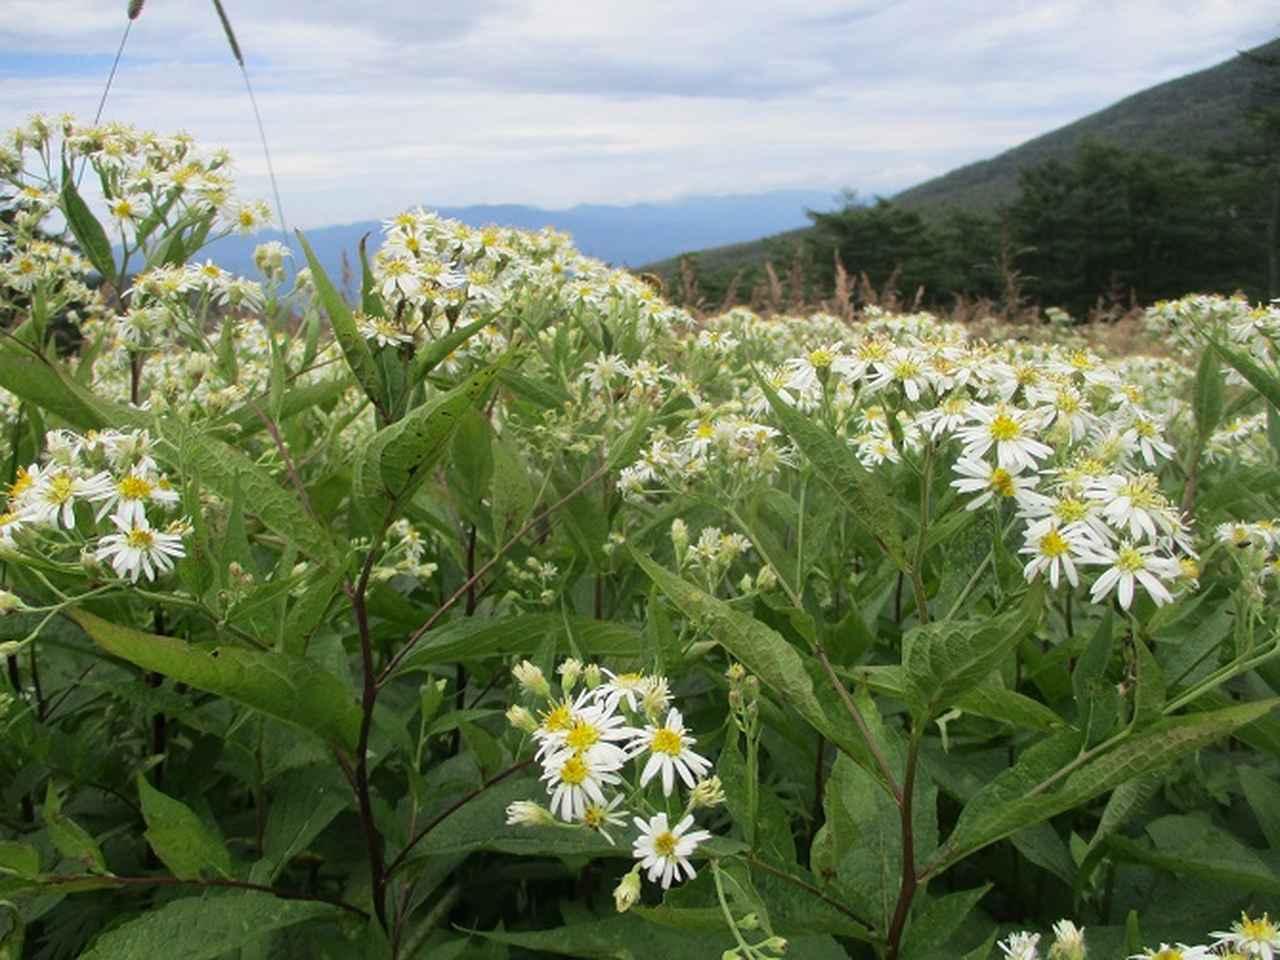 画像10: 8月23日に山旅会 「高峰山」 ツアーにいってきました!